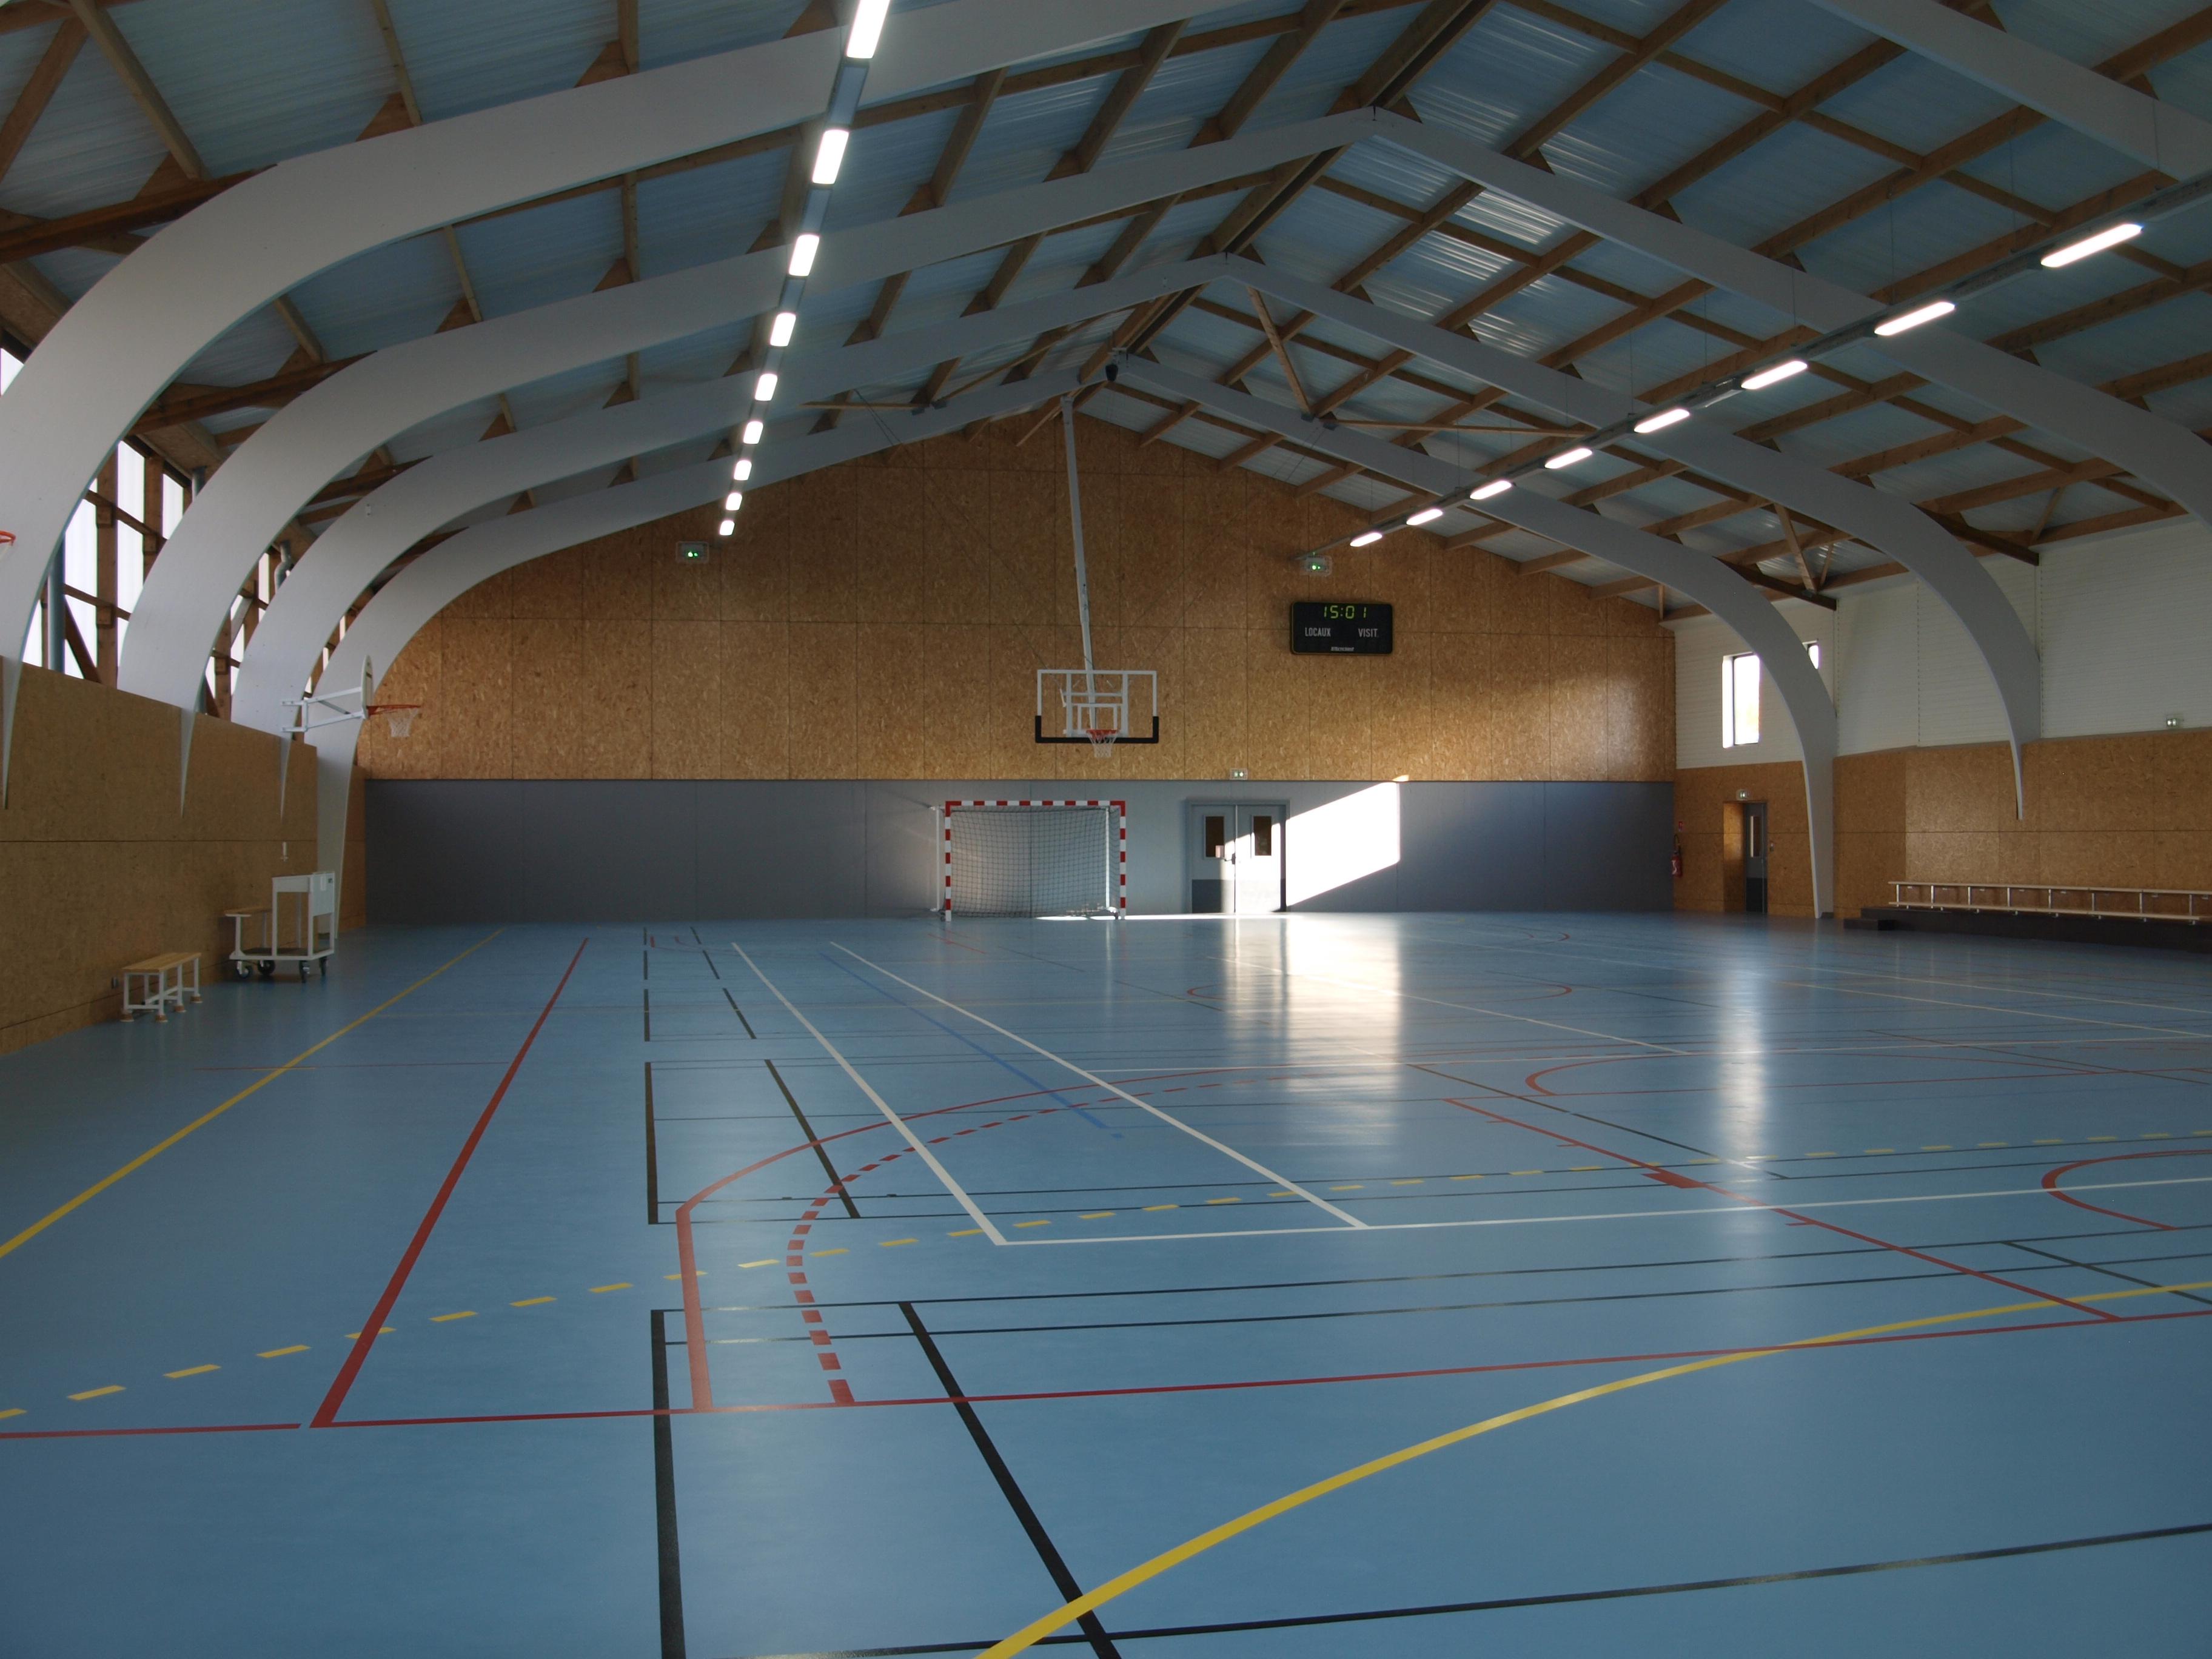 Salle Des Sports Site Officiel De Bais En Ille Et Vilaine 35